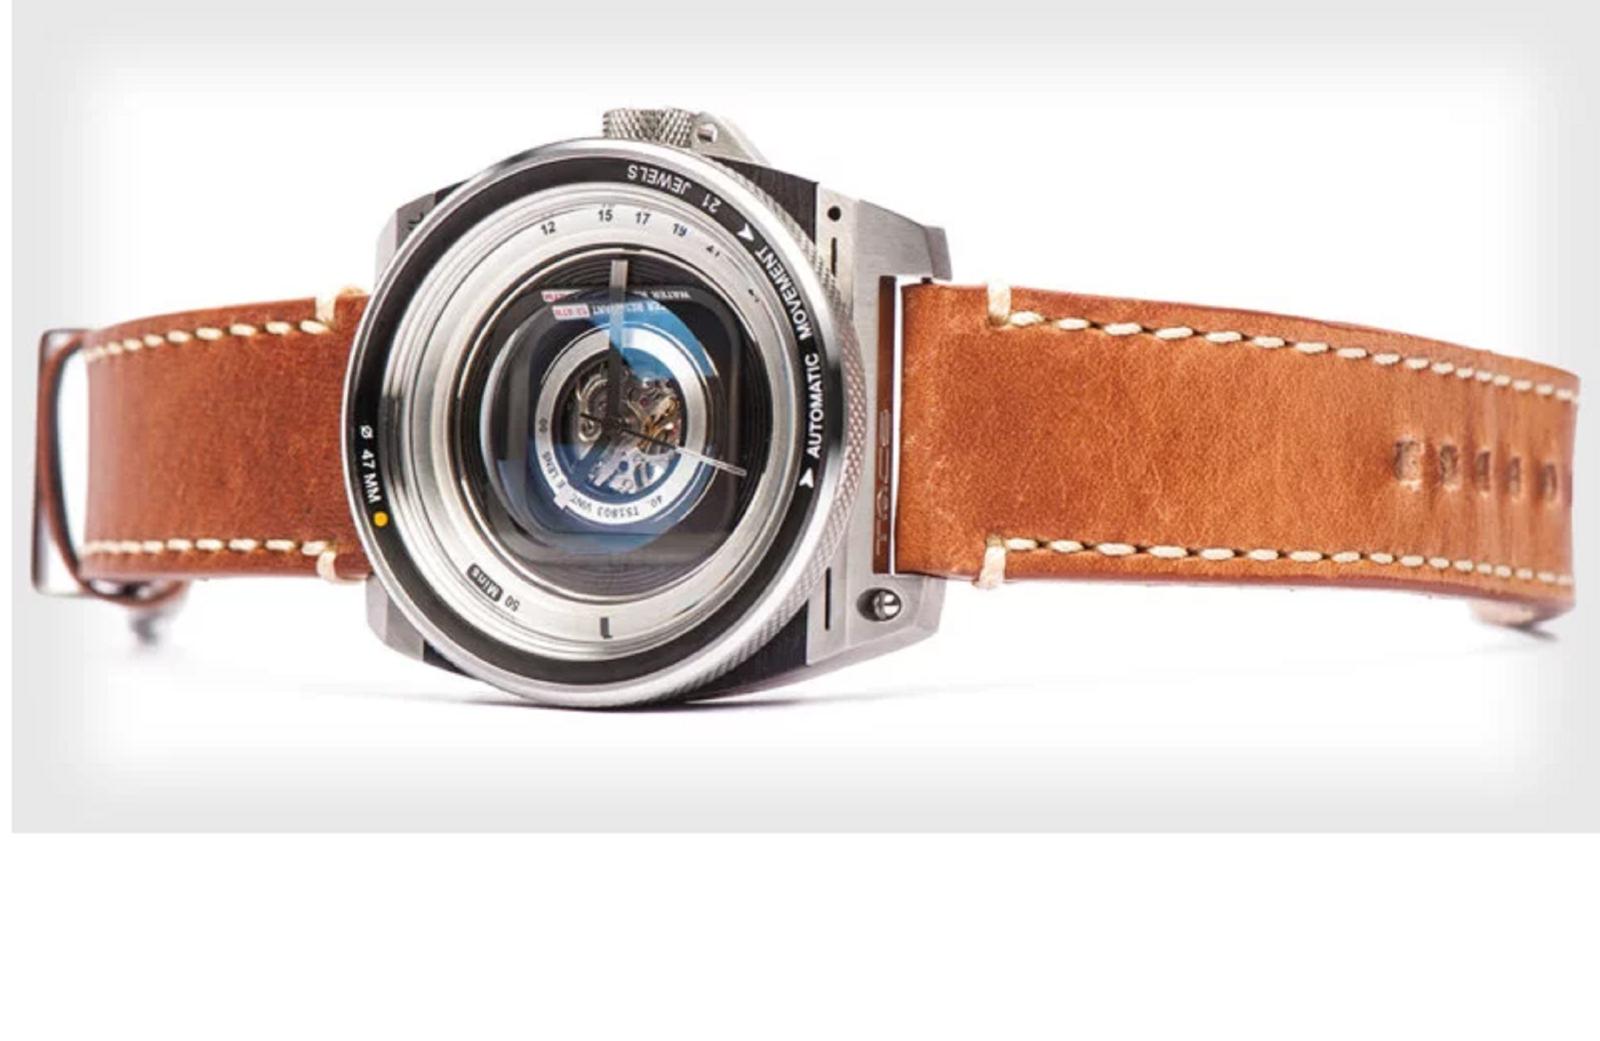 TACS ra mắt mẫu đồng hồ 'chất lừ' lấy cảm hứng từ ống kính